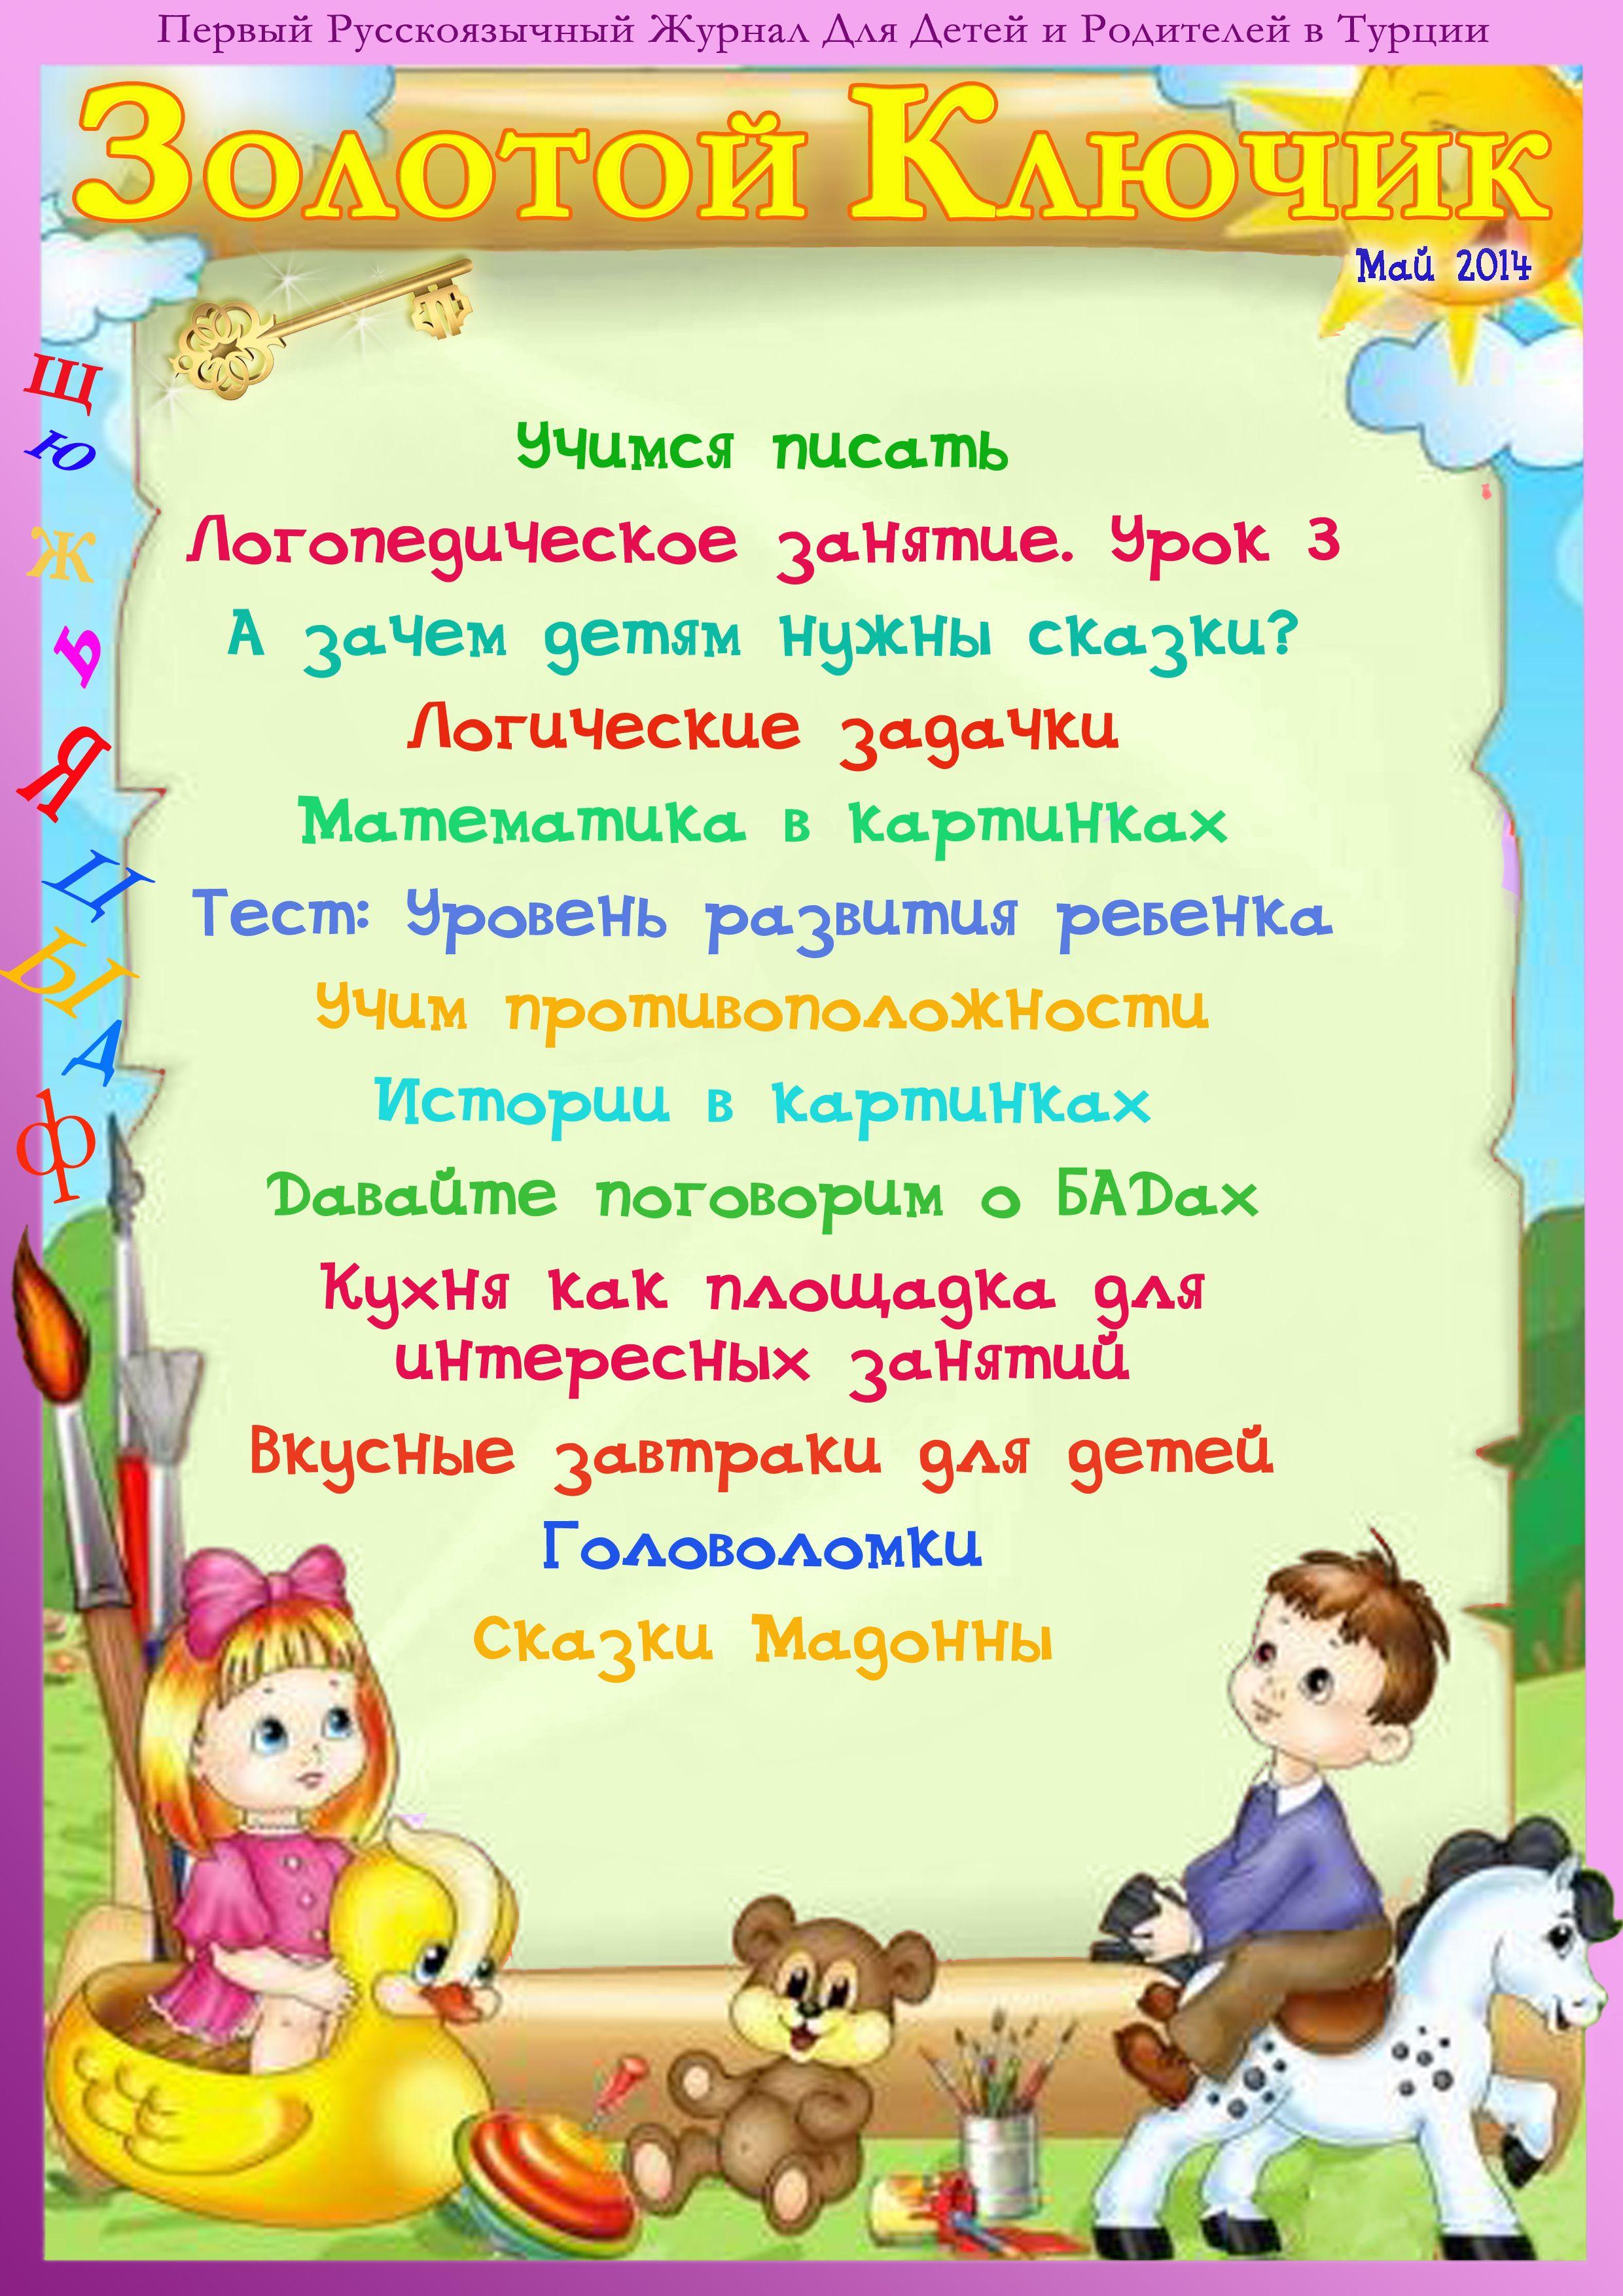 """Photo of Вышел майский номер детского журнала """"Золот…"""